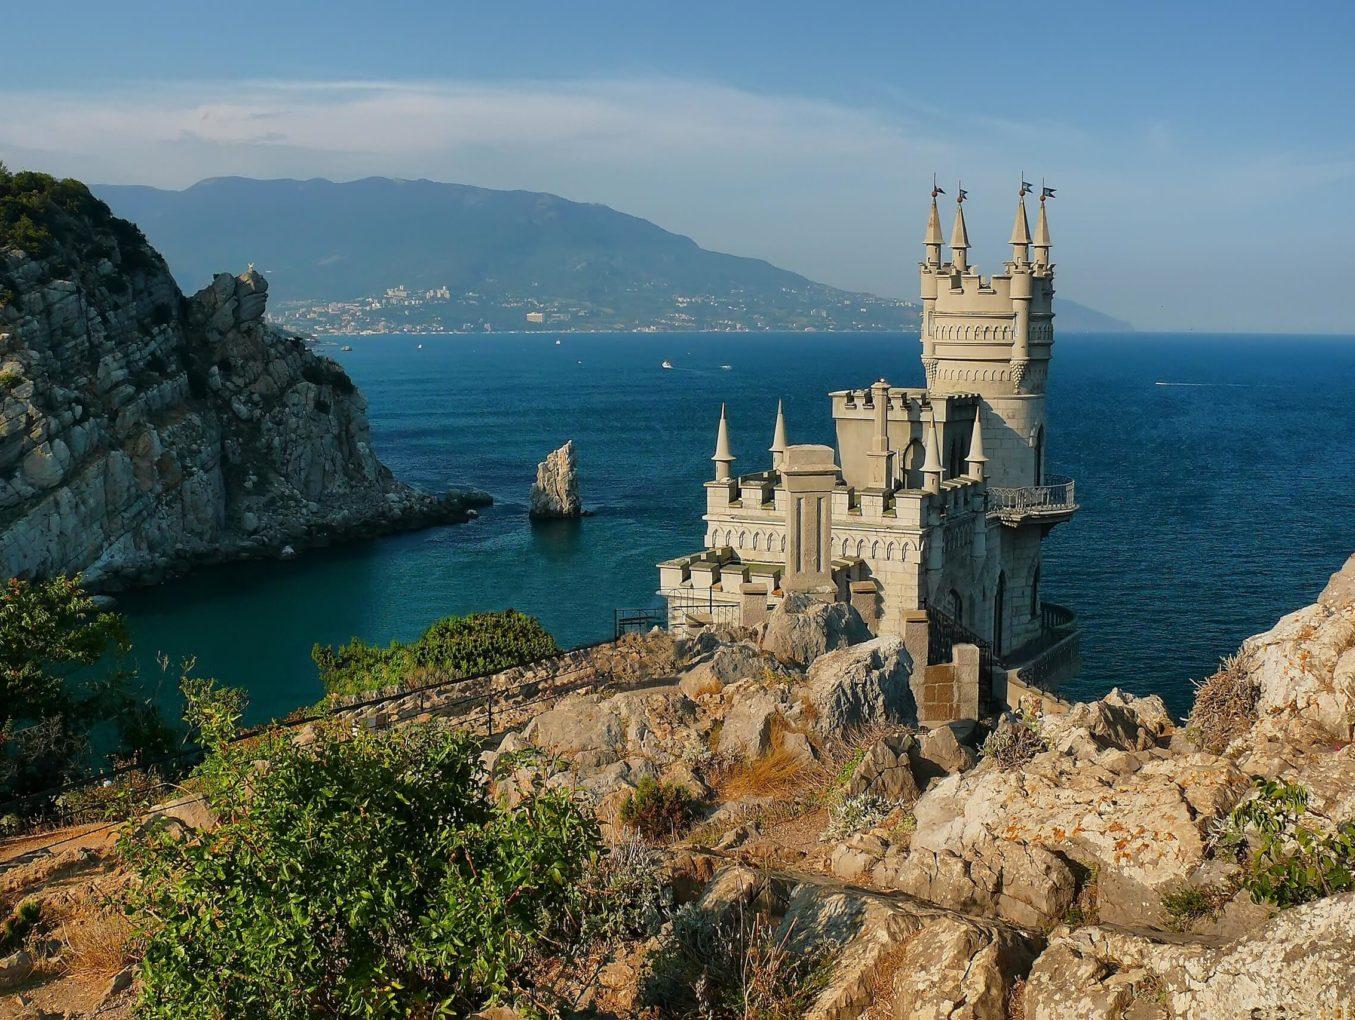 Курортного сбора в Крыму не будет